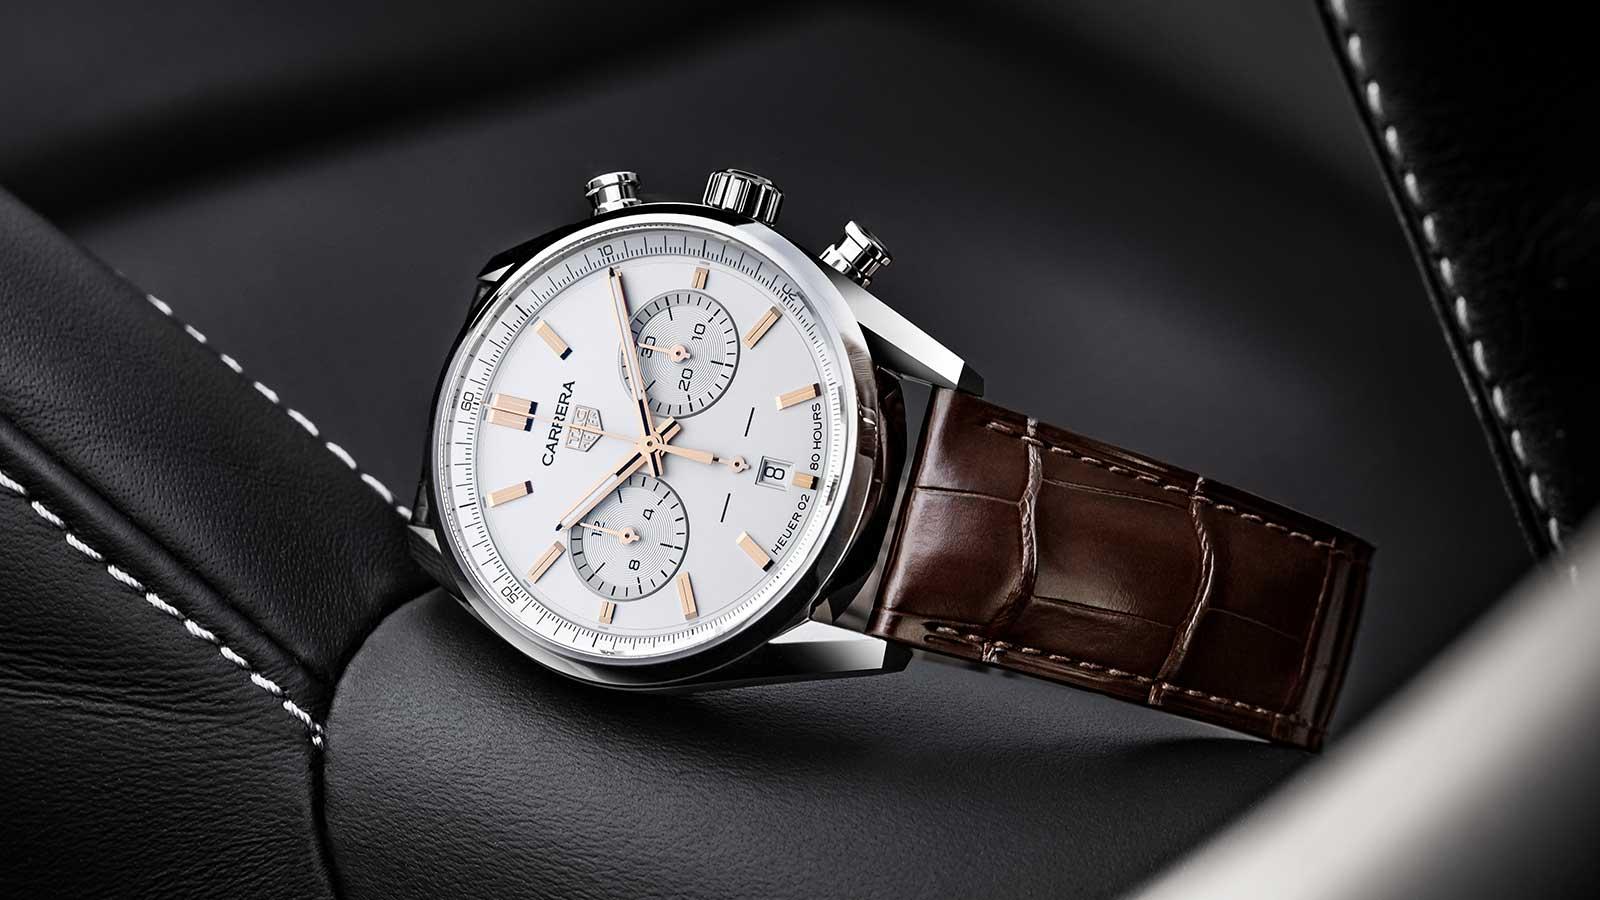 TAG Heuer Carrera Chronographen 42 mm Calibre Heuer 02 Automatik mit weißem Zifferblatt und roségoldbeschichteten Appliken und Zeigern